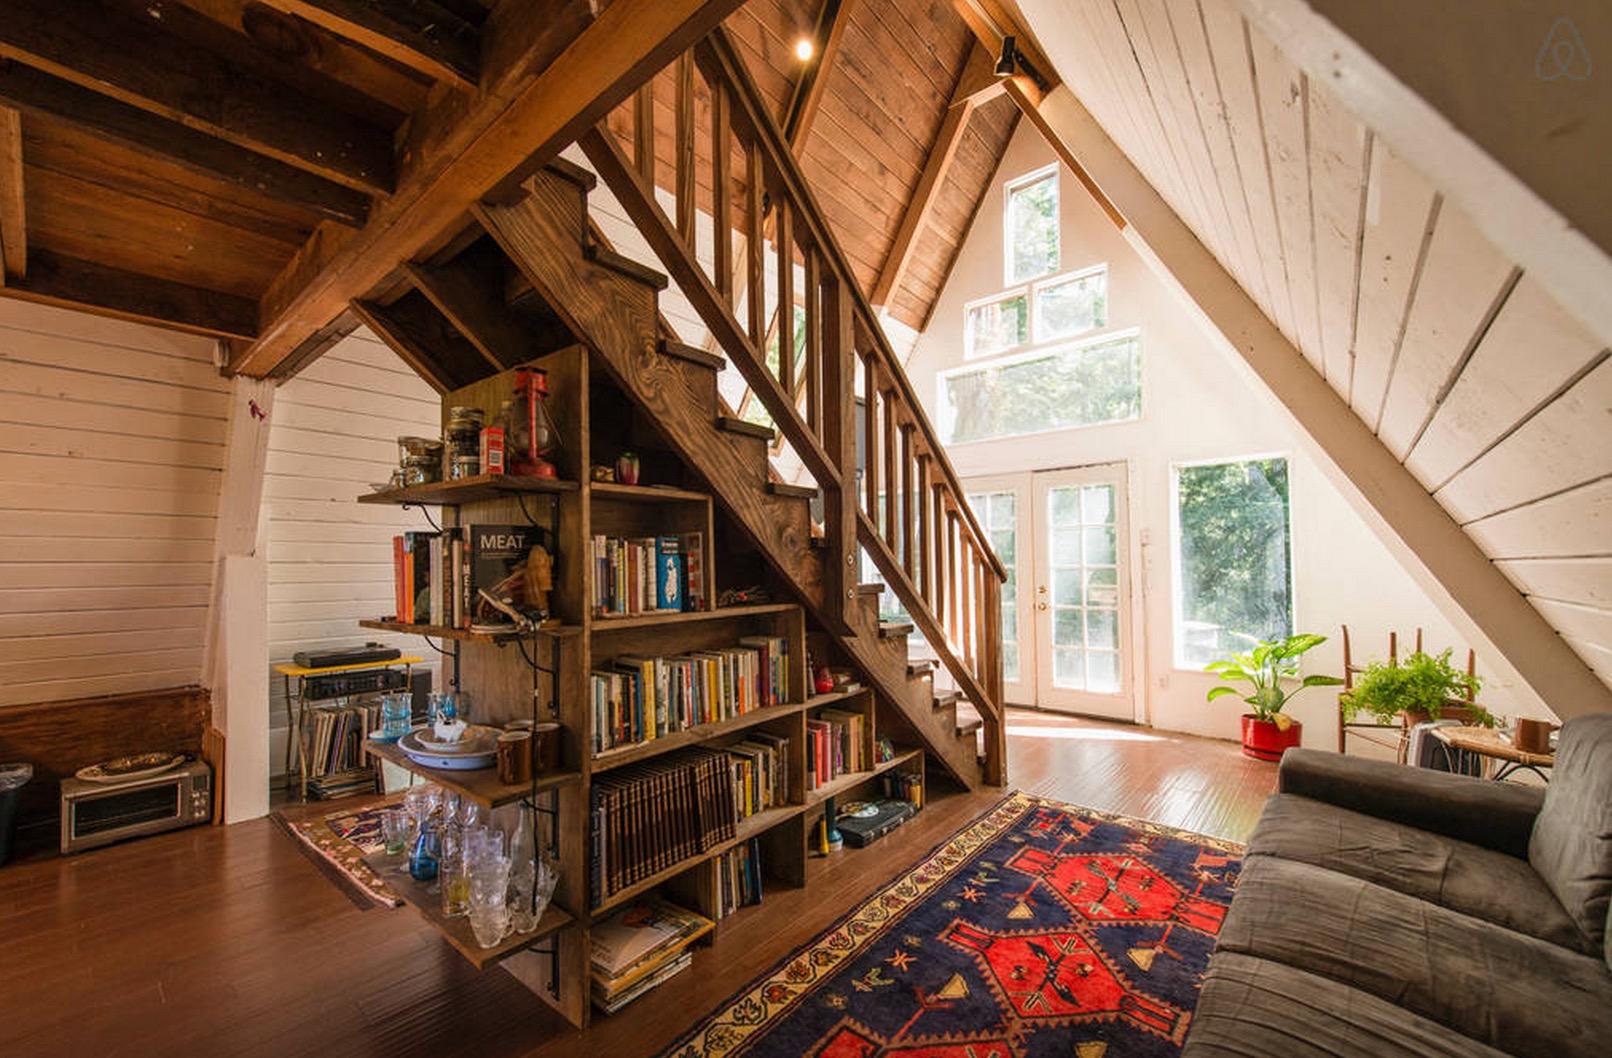 Cabin-Redwoods-Joli-Joli-Design-Cabine-06